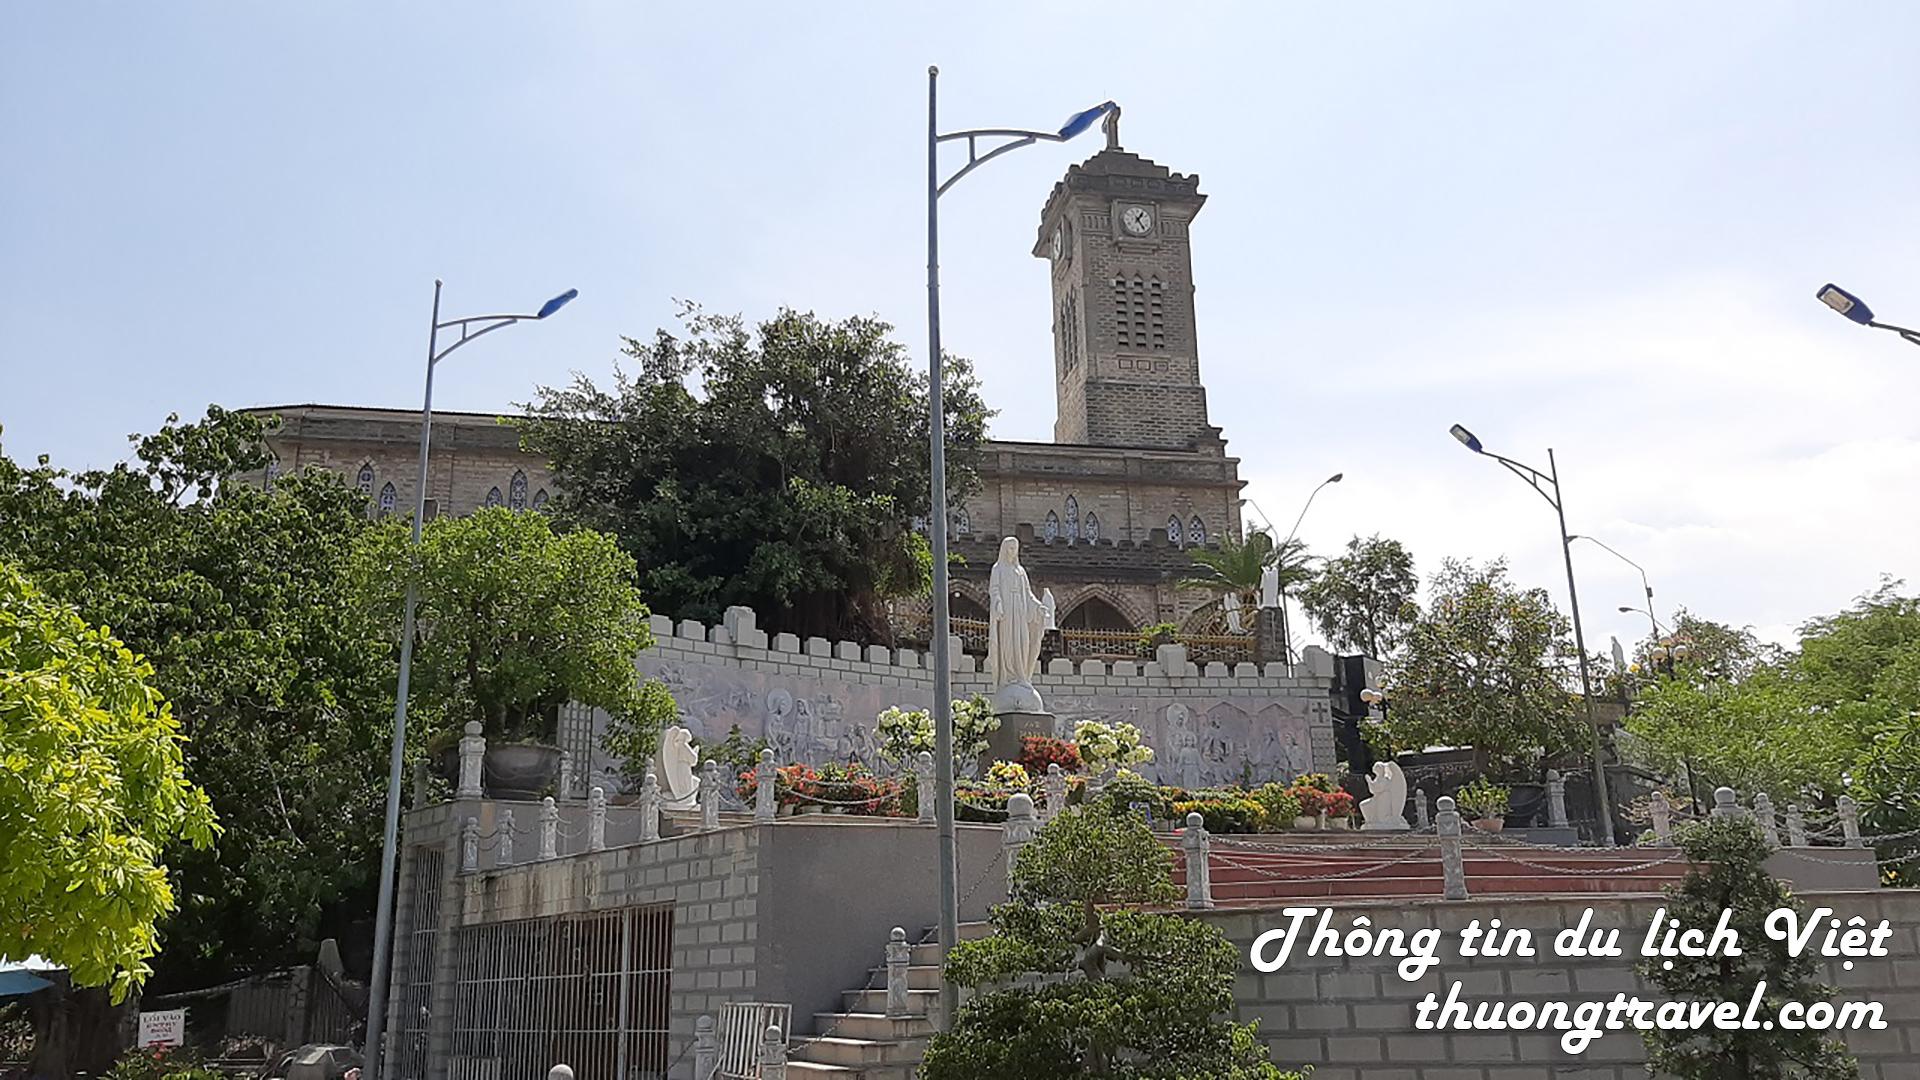 Nhà thờ Đá Nha Trang có gì hấp dẫn?